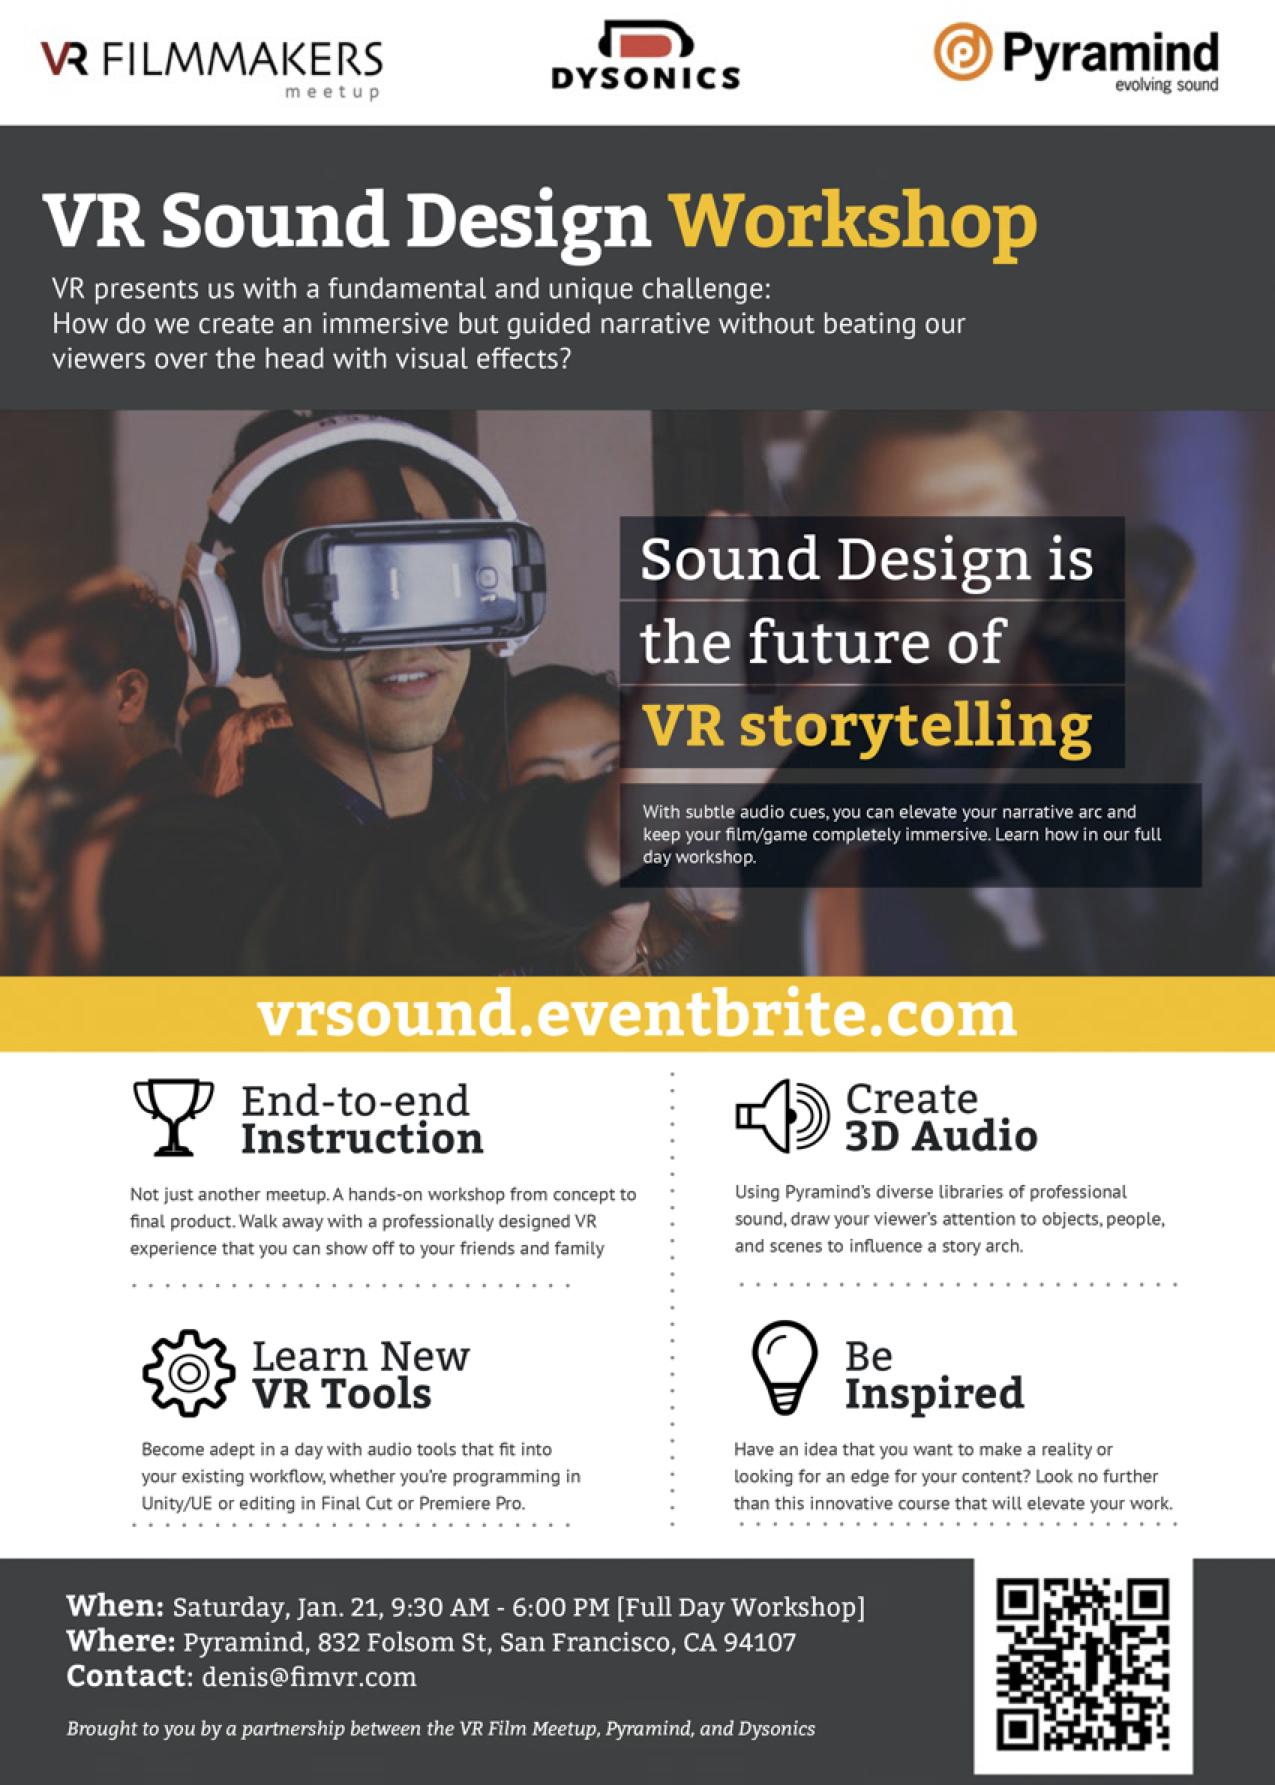 VR Sound Design Workshop - Pyramind - VR FIlmmakers